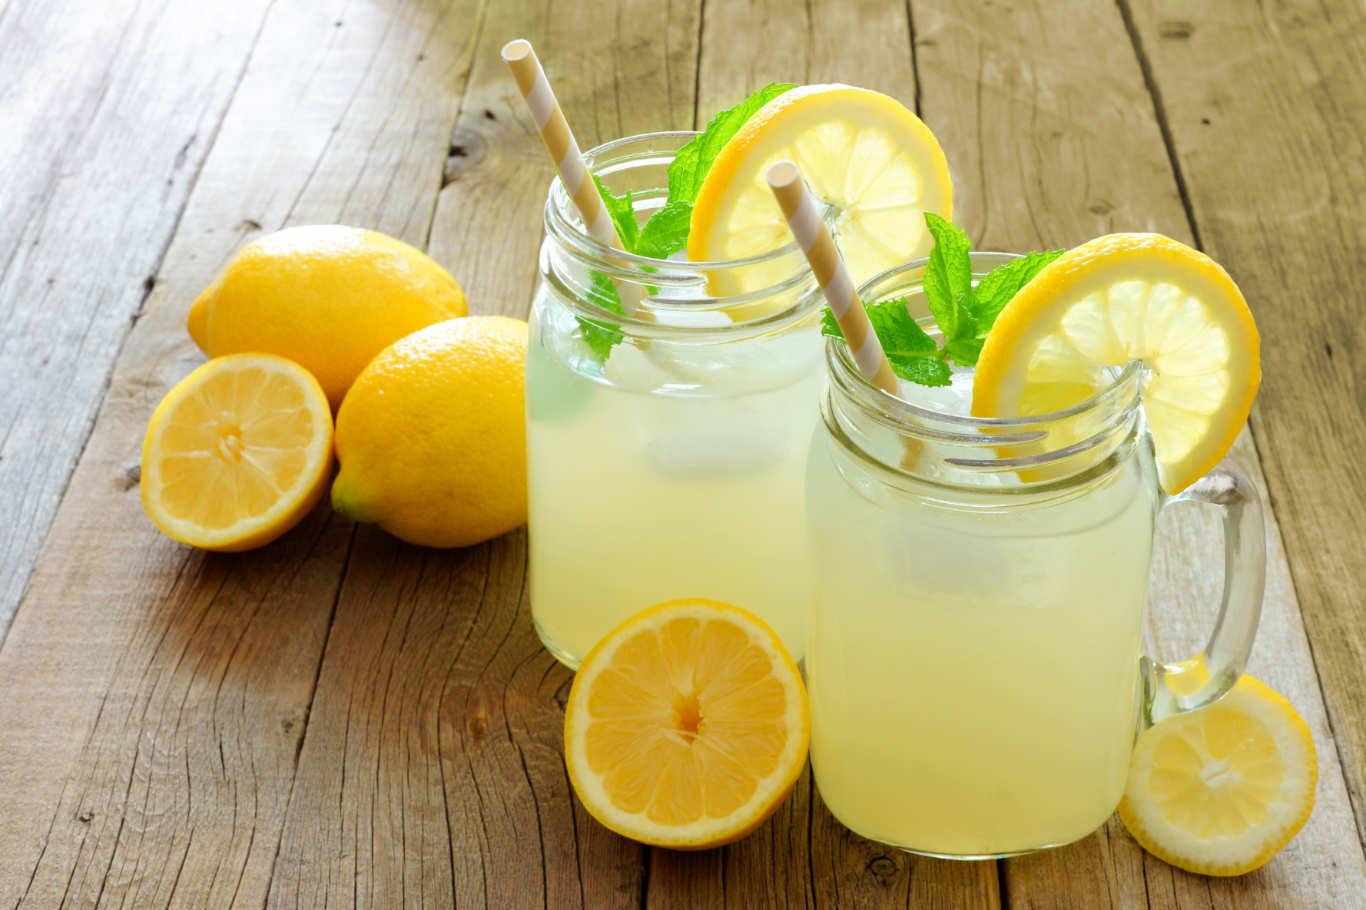 thức uống giải nhiệt mùa hè - nước chanh